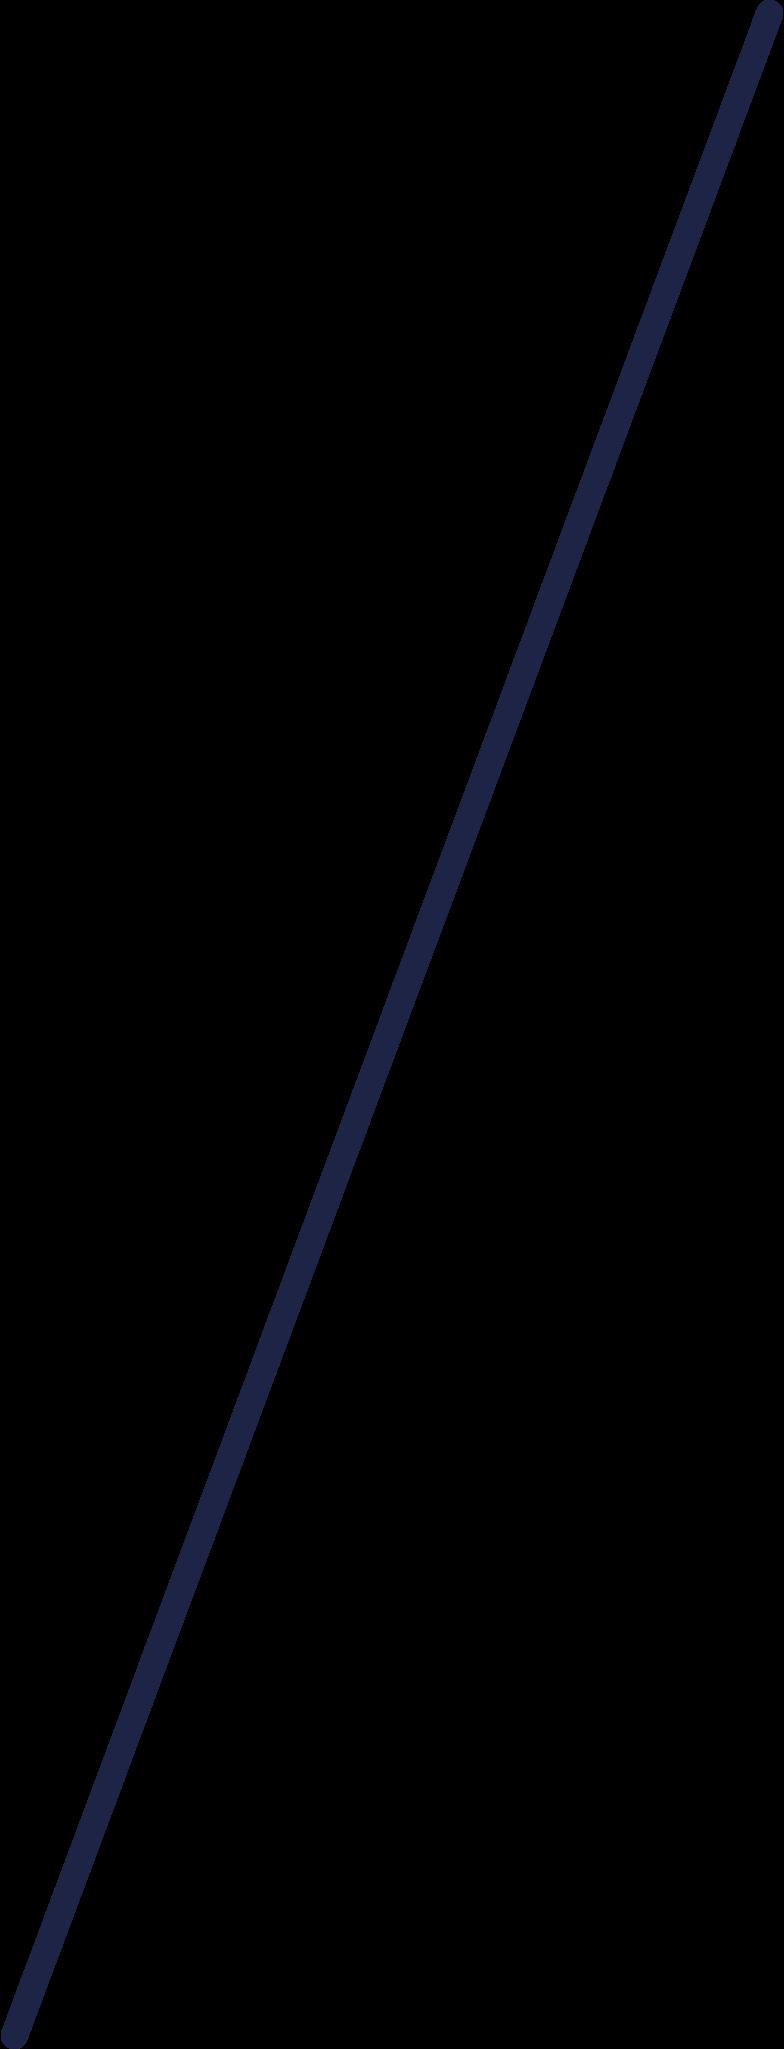 deltaplane rod 1 line Clipart illustration in PNG, SVG